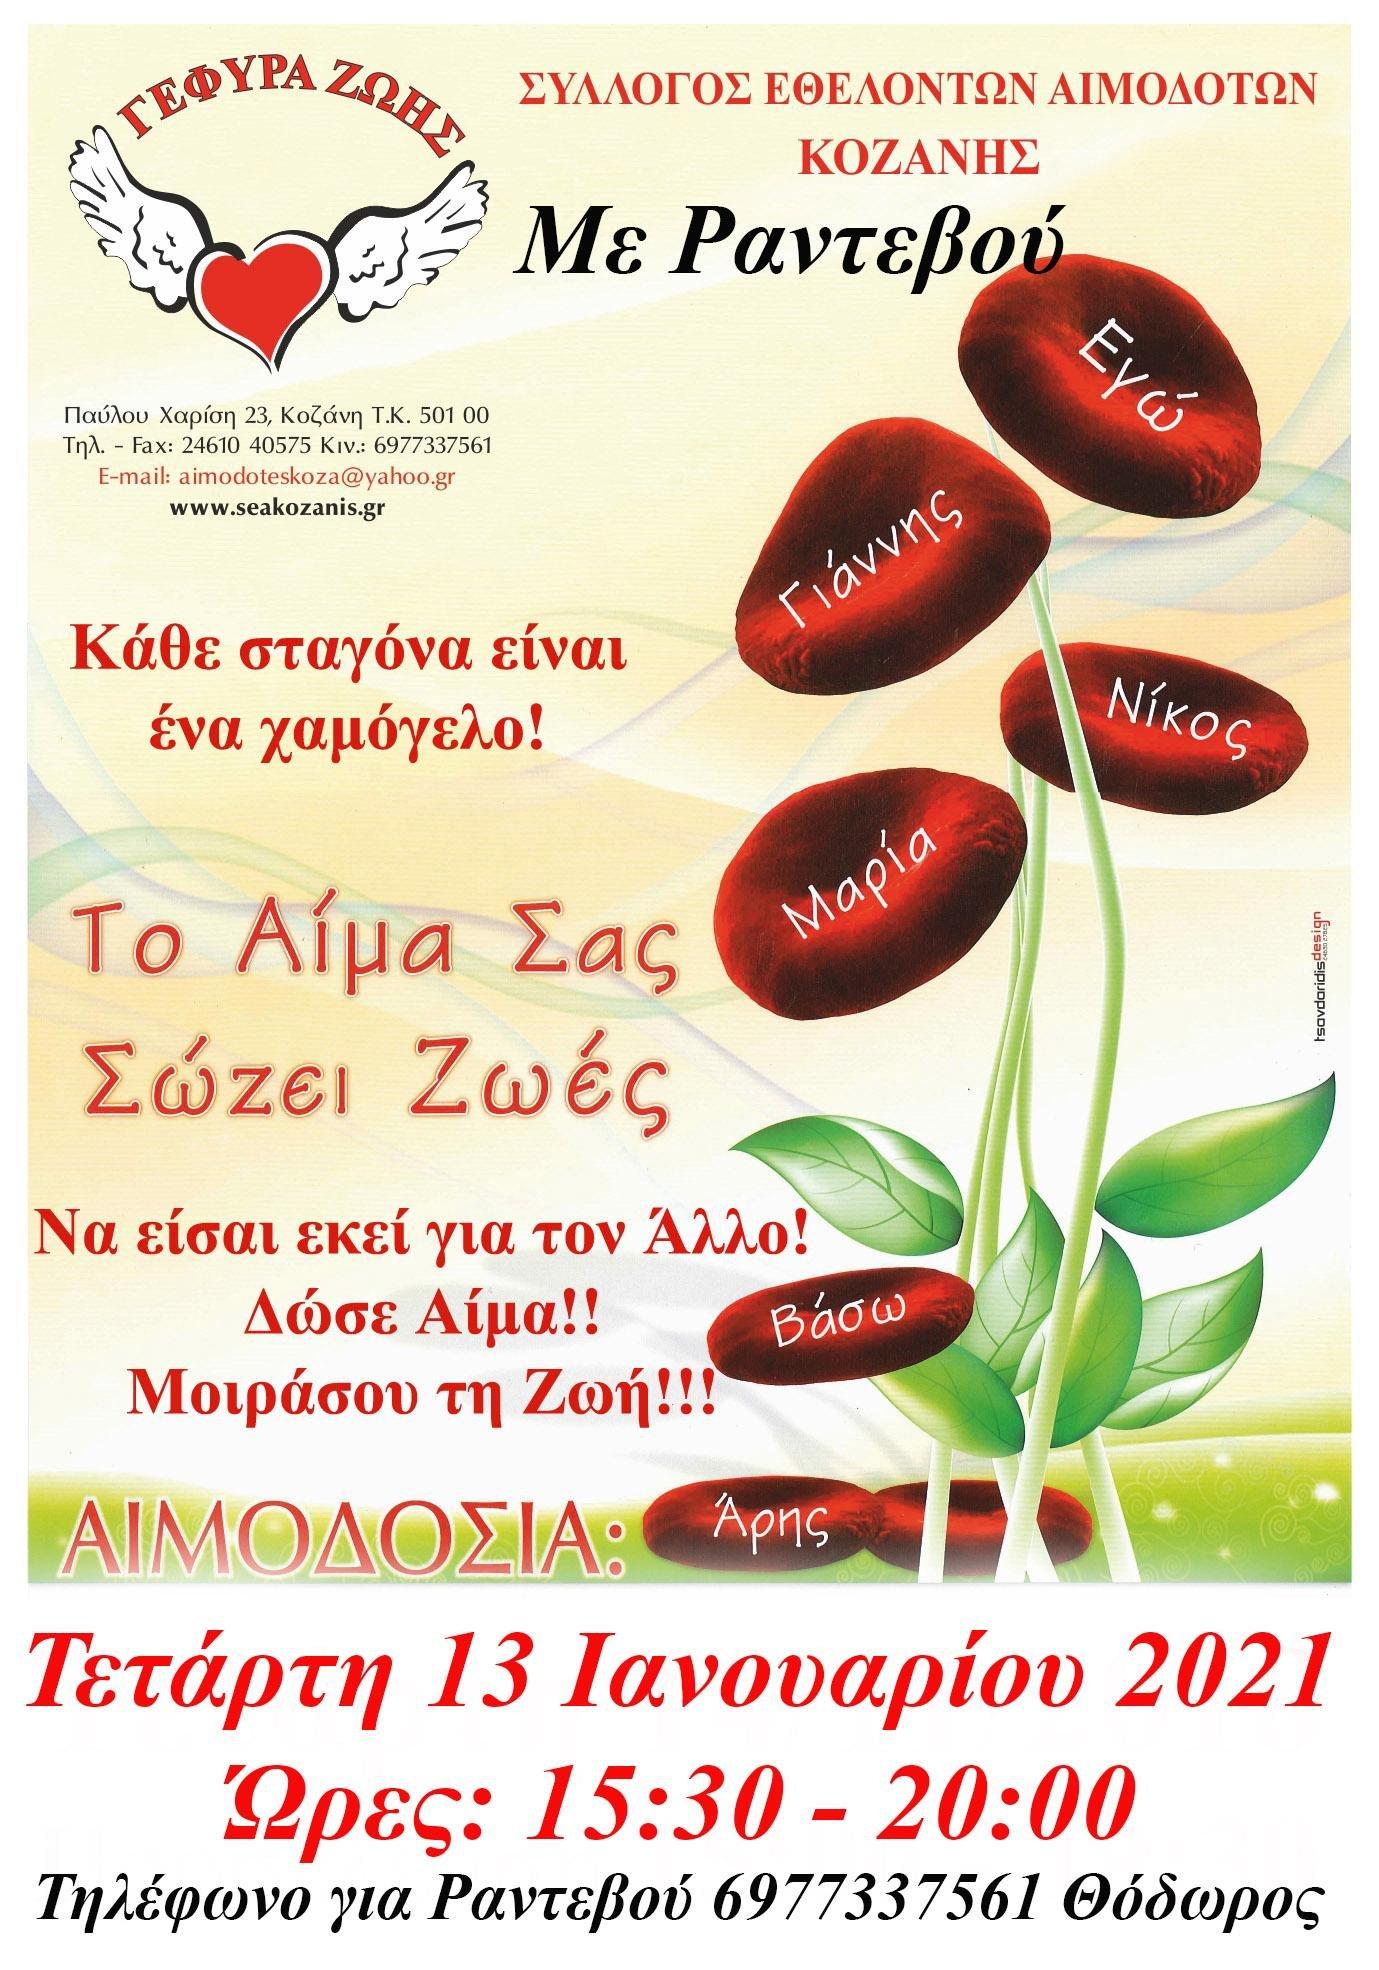 2η Αιμοδοσία 2021 του Συλλόγου Εθελοντών Αιμοδοτών Κοζάνης, πάντα με Μάσκα &ραντεβού